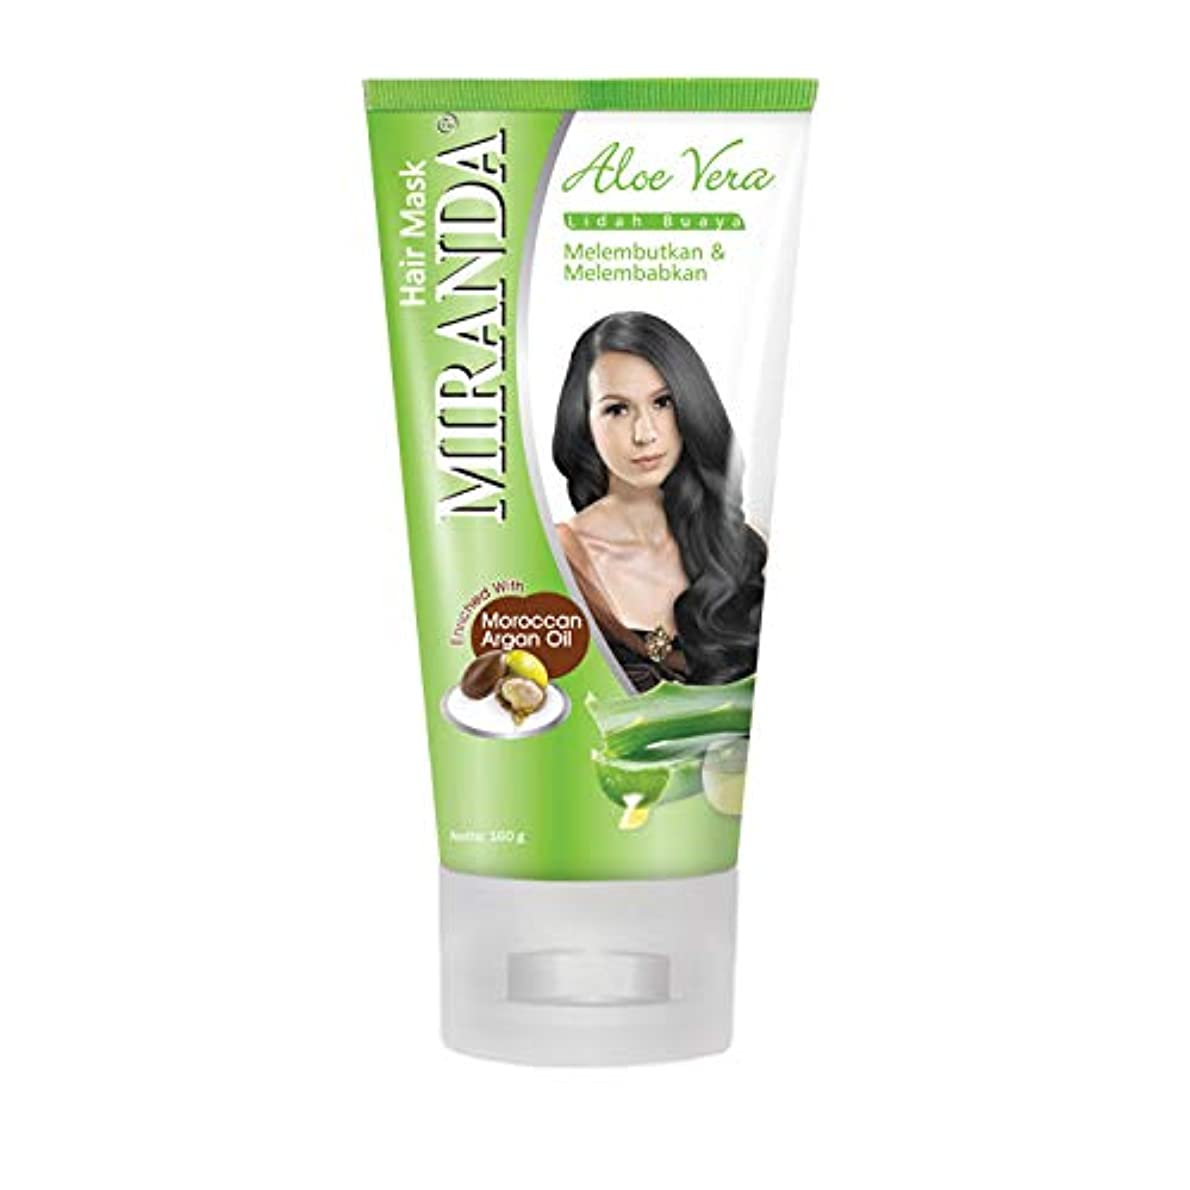 毒液香港間違いMIRANDA ミランダ Hair Mask ヘアマスク モロッカンアルガンオイル主成分のヘアトリートメント 160g Aloe vera アロエベラ [海外直送品]